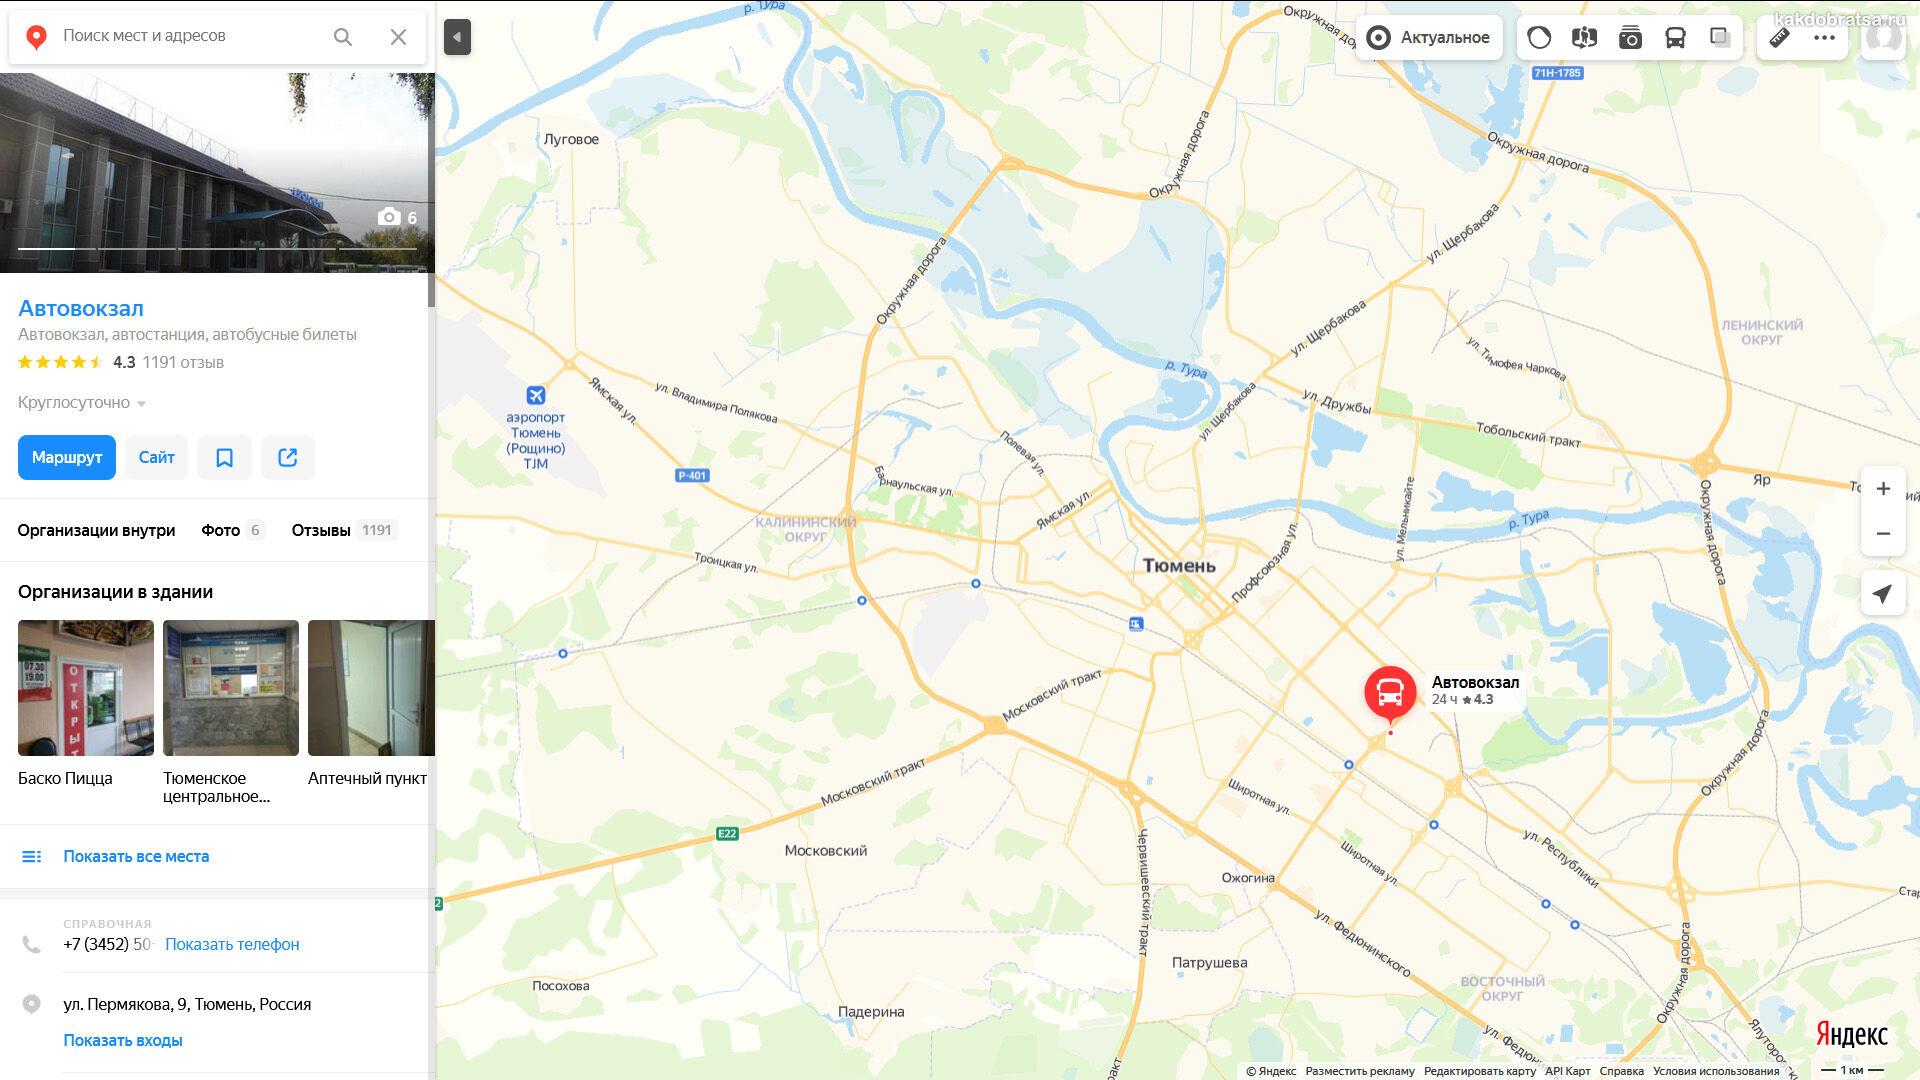 Автовокзал Тюмень адрес на карте и где находится